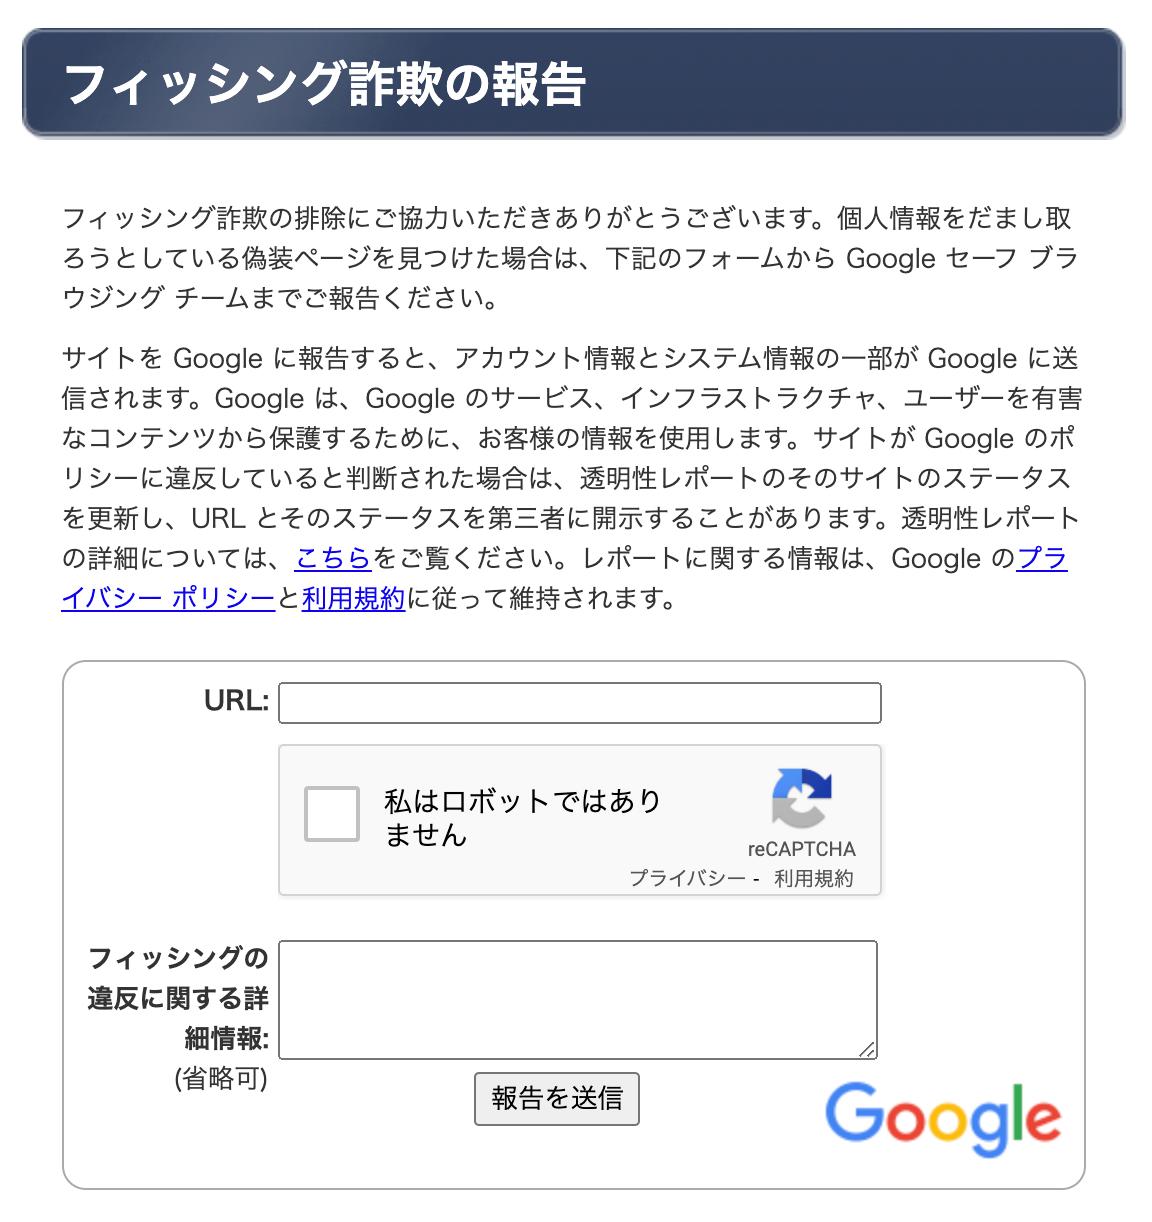 Google_report_phish.png